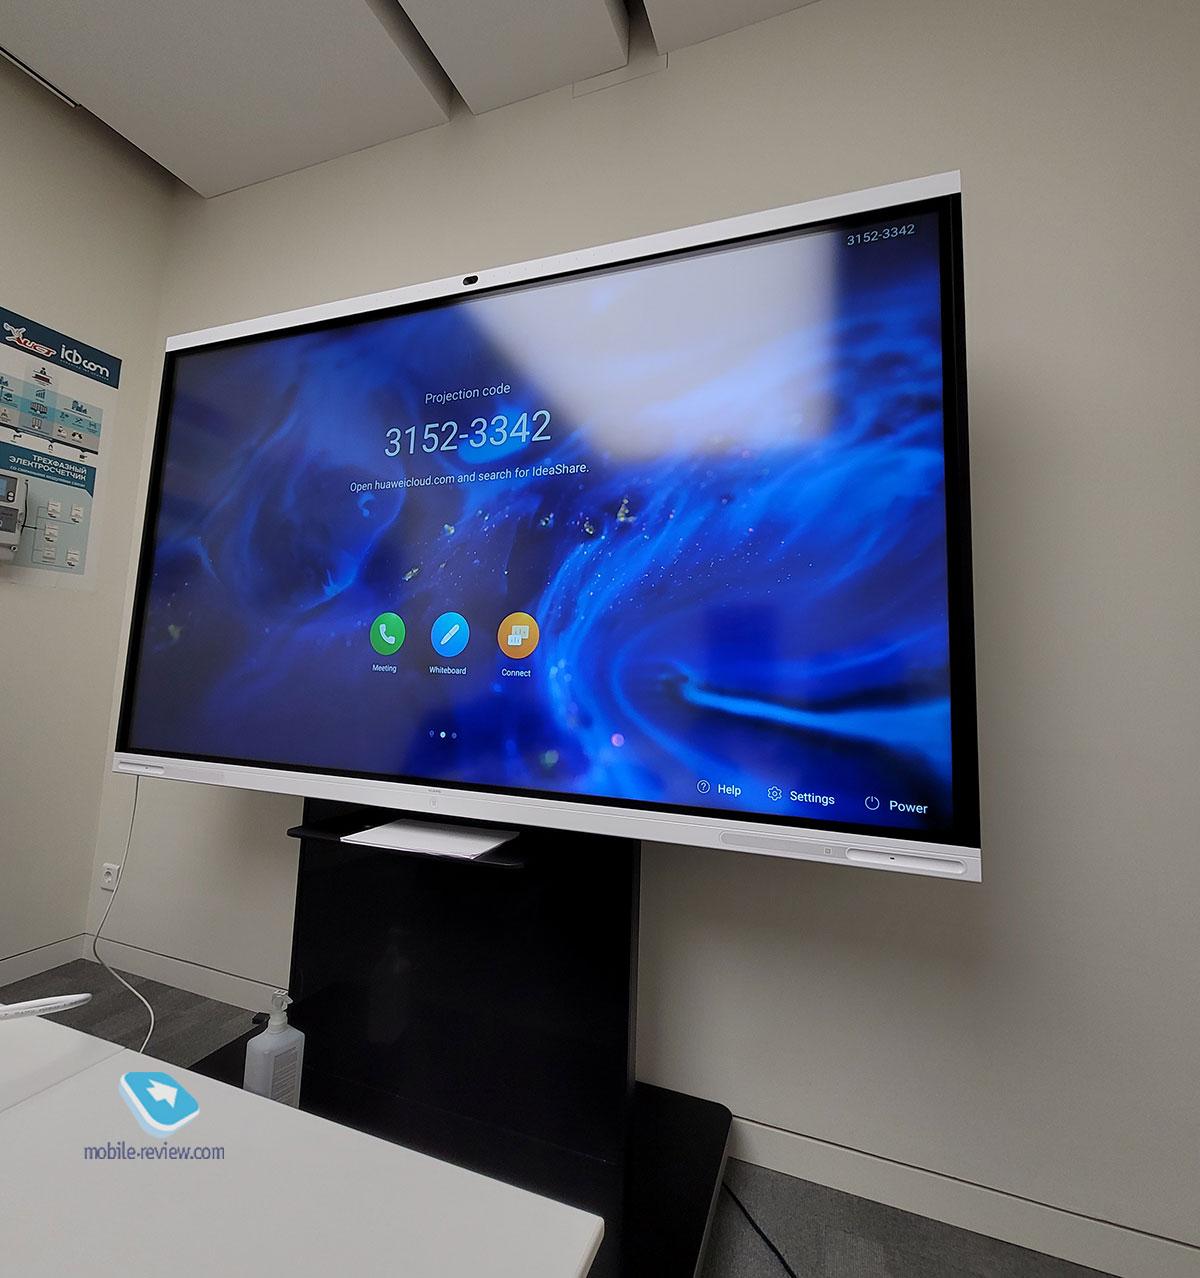 Huawei IdeaHub – умная видеосвязь, интерактивная панель для офисов IdeaHub, можно, IdeaPad, можете, Huawei, компании, доске, может, только, устройство, устройства, видеосвязи, картинку, выводить, писать, разных, такие, рисовать, учебных, моделях